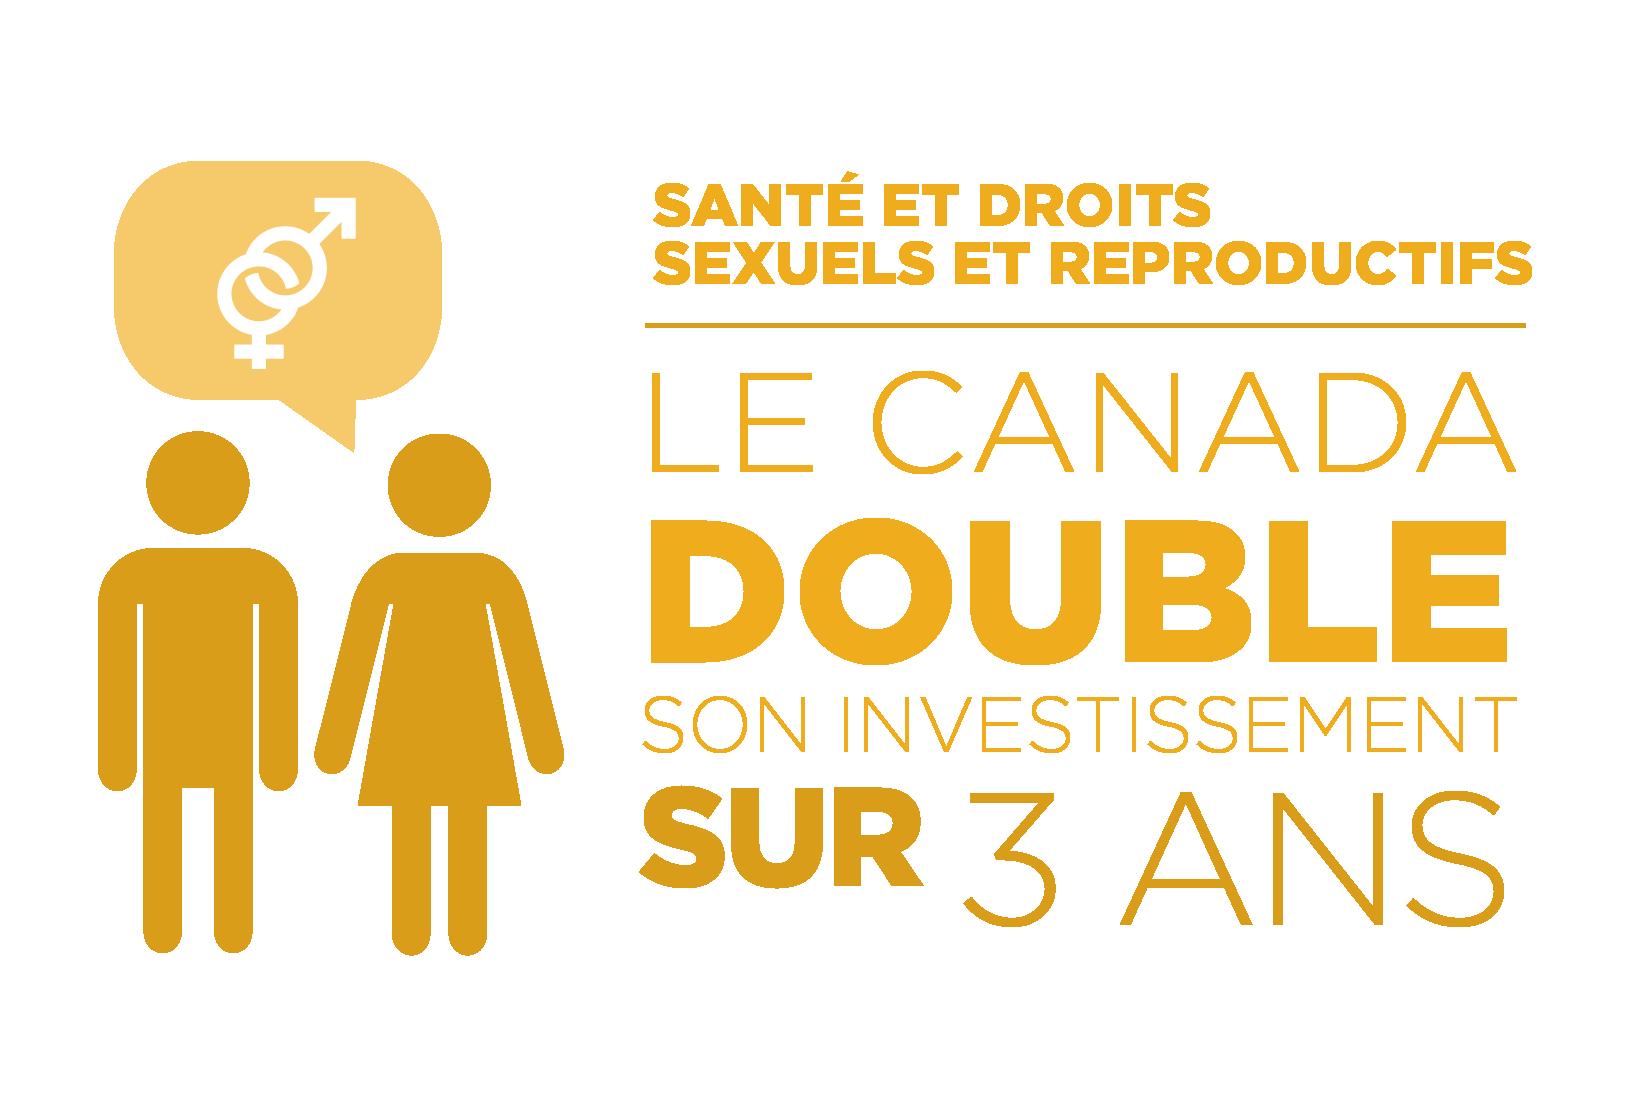 Santé et droits sexuels et reproductifs : Le Canada double son investissement sur 3 ans.